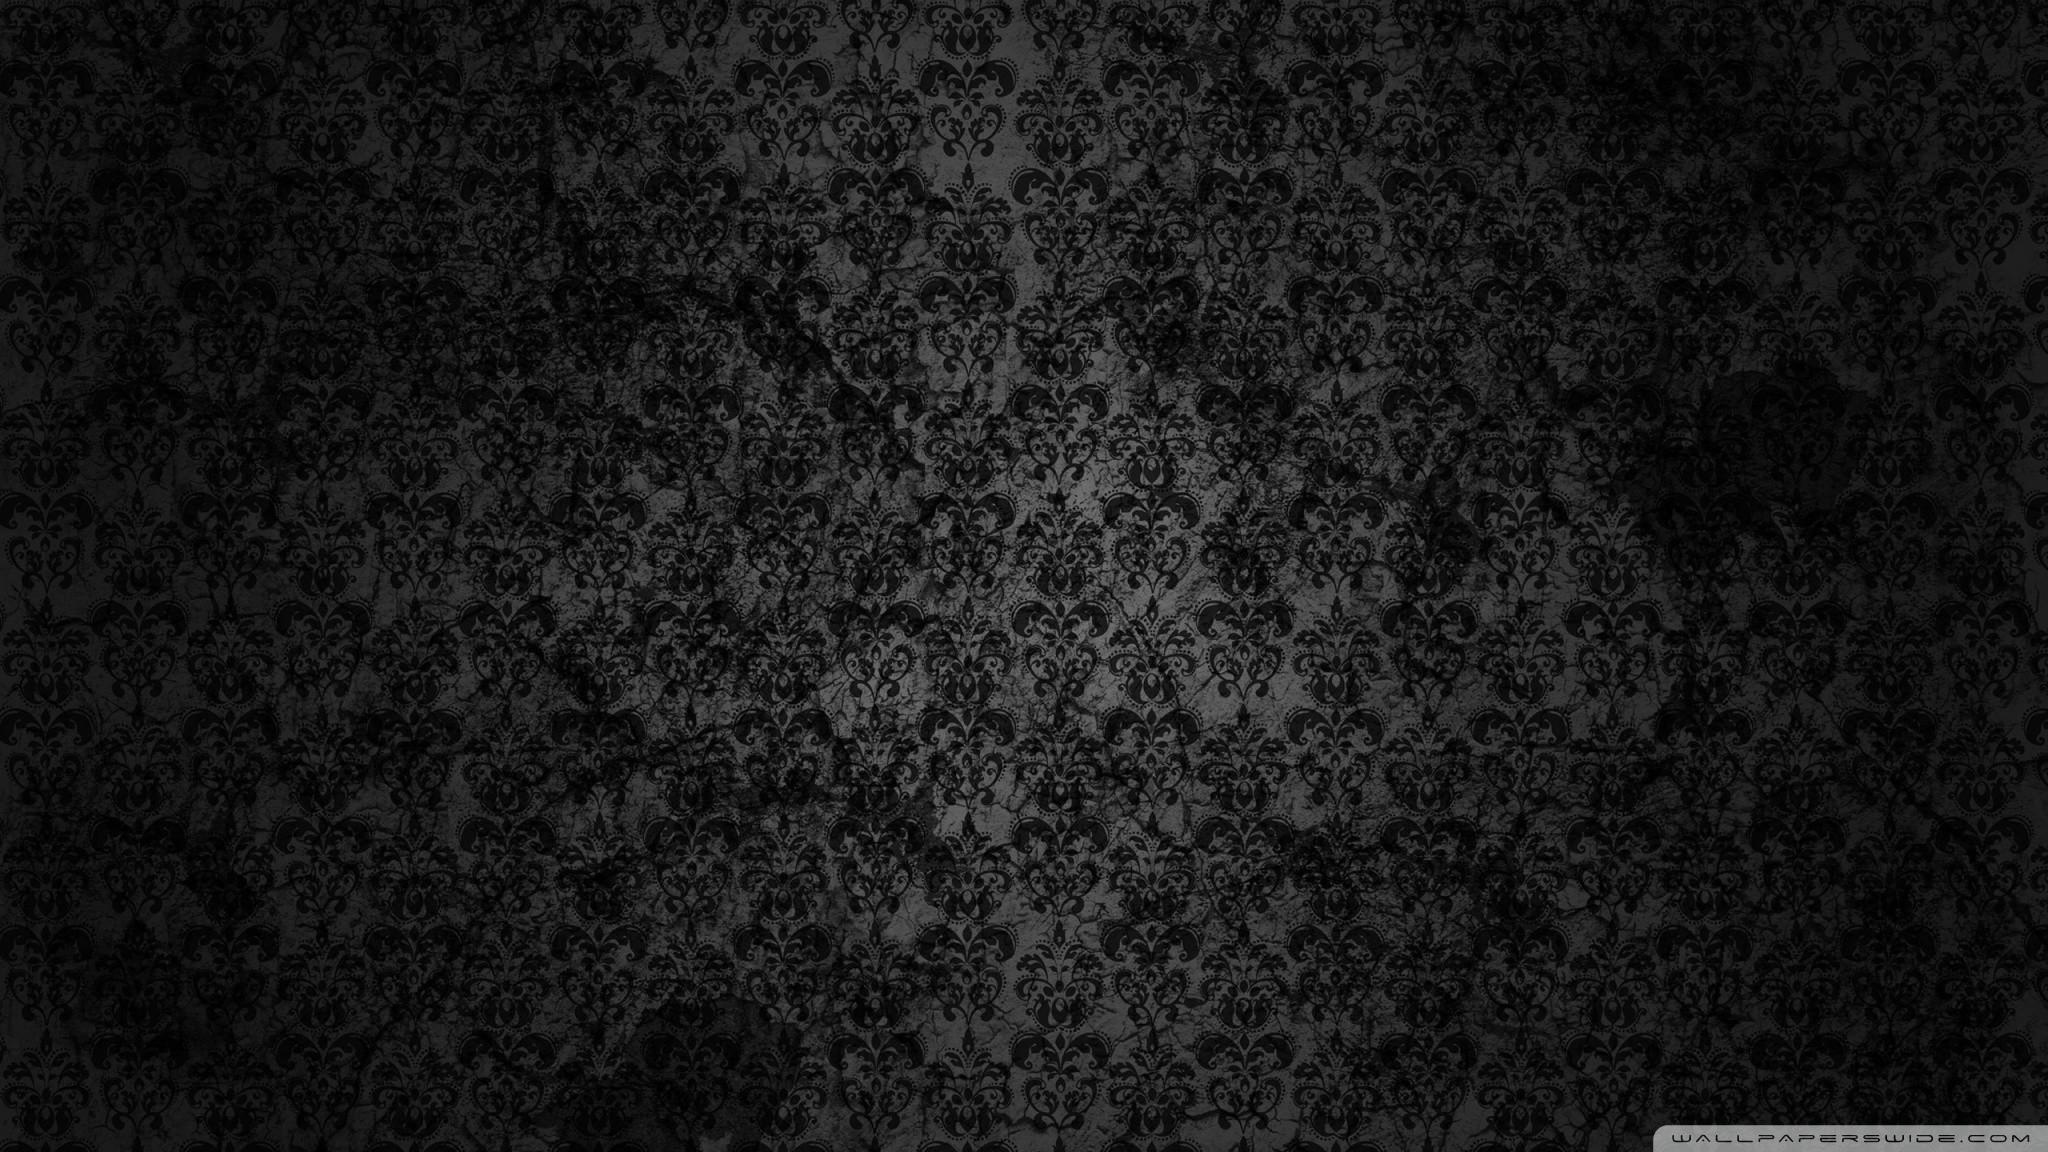 Others Grunge HD Desktop Wallpaper Widescreen High Definition Grunge hd  wallpaper